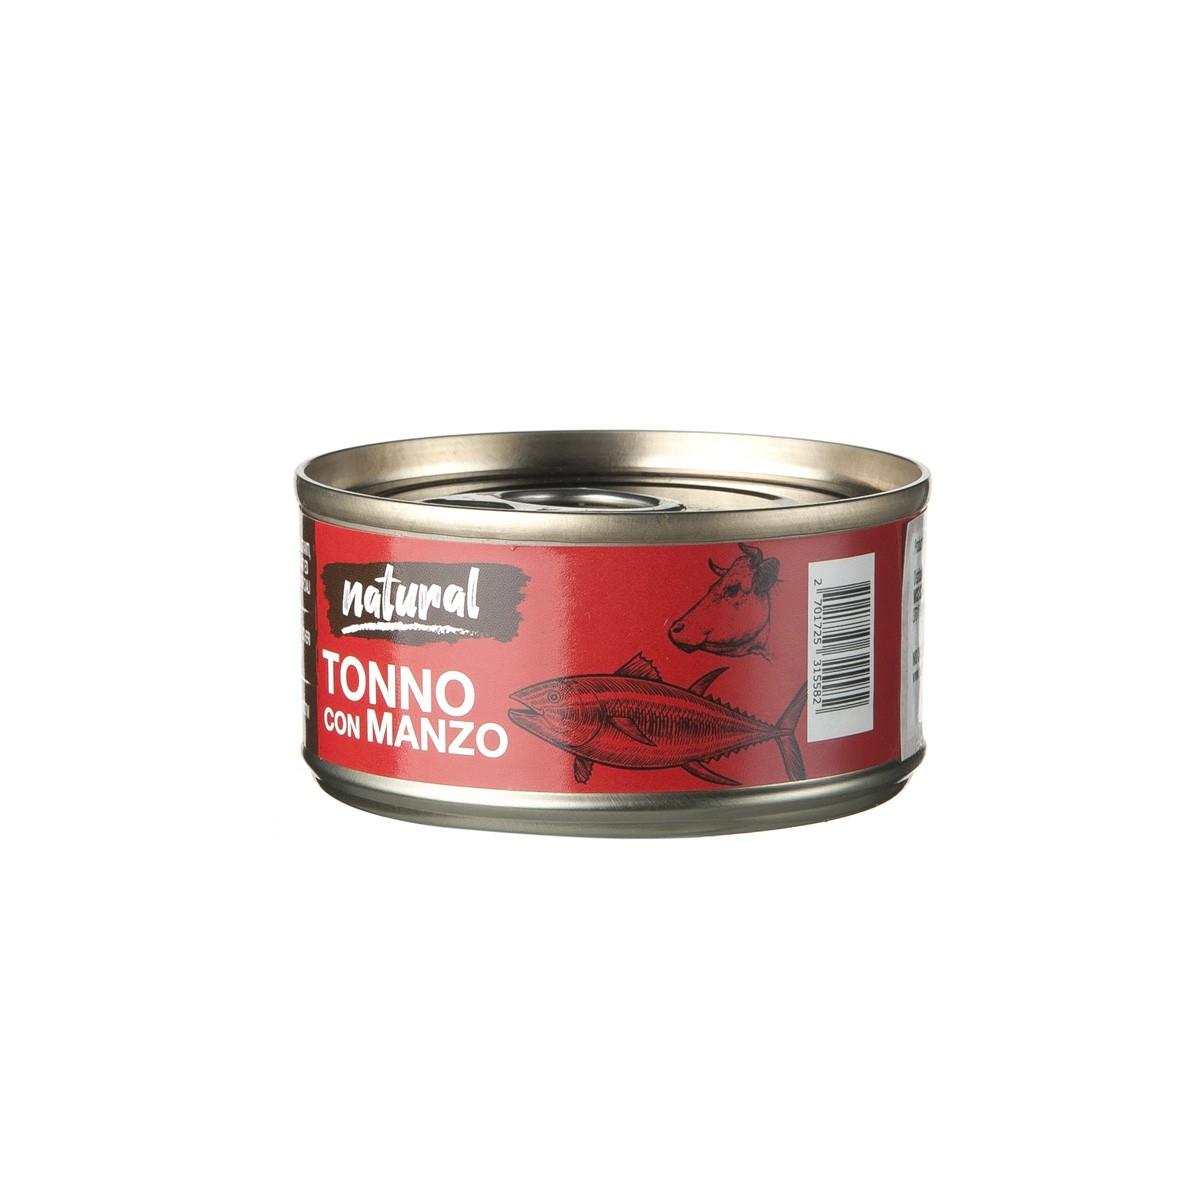 Nutrimi Natural Al Tonno Con Manzo